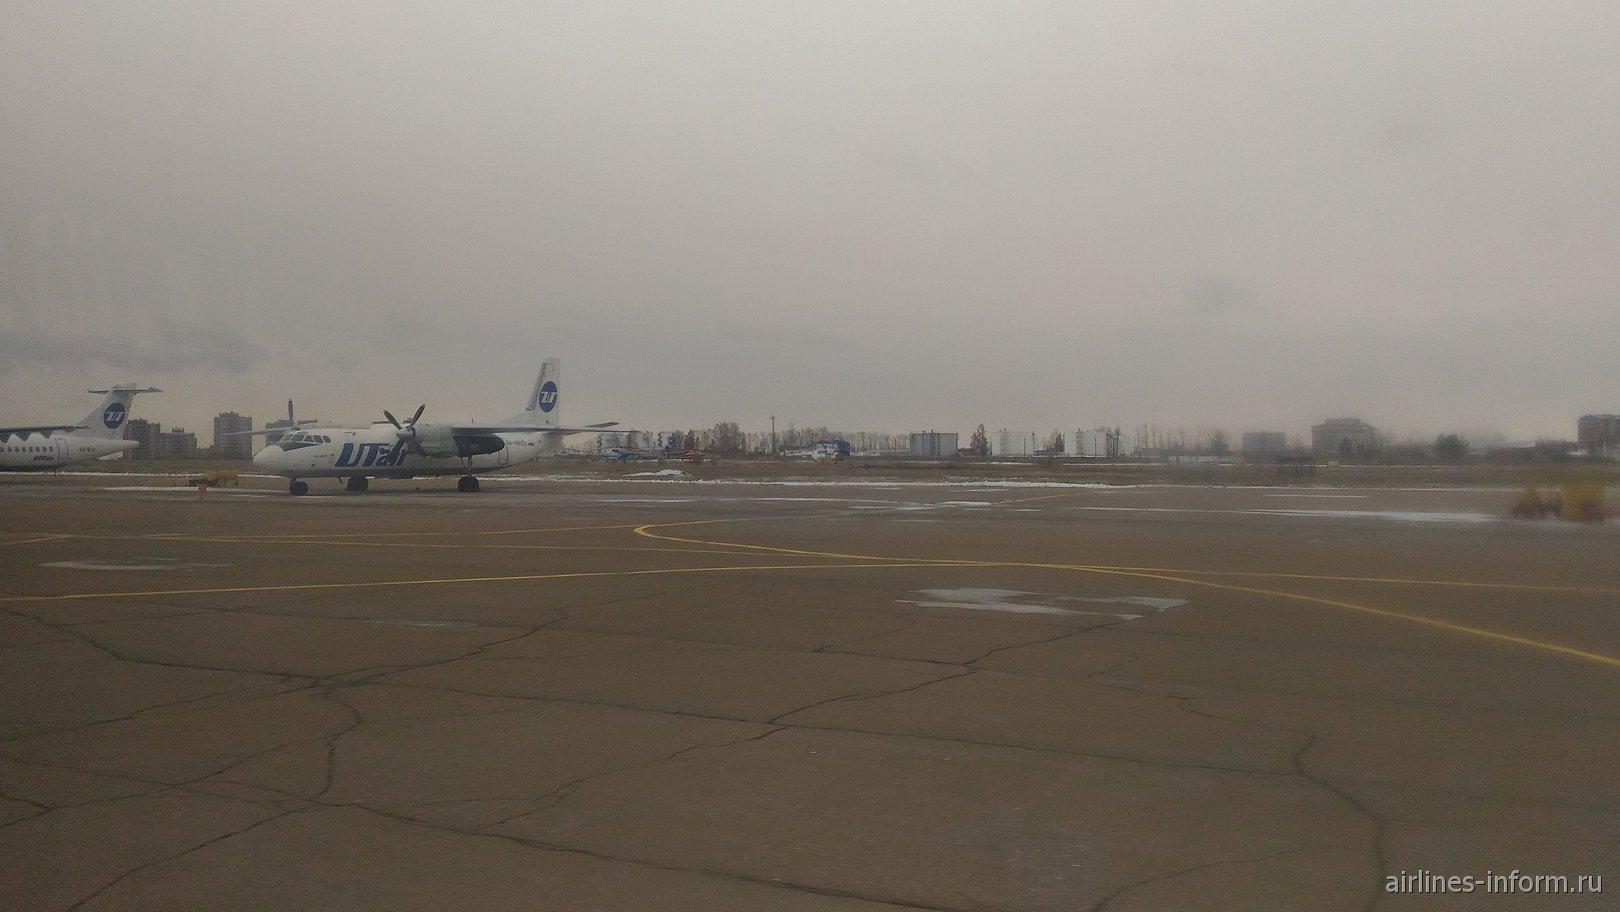 АН-24 авиакомпании Ютэйр в аэропорту Иркутска